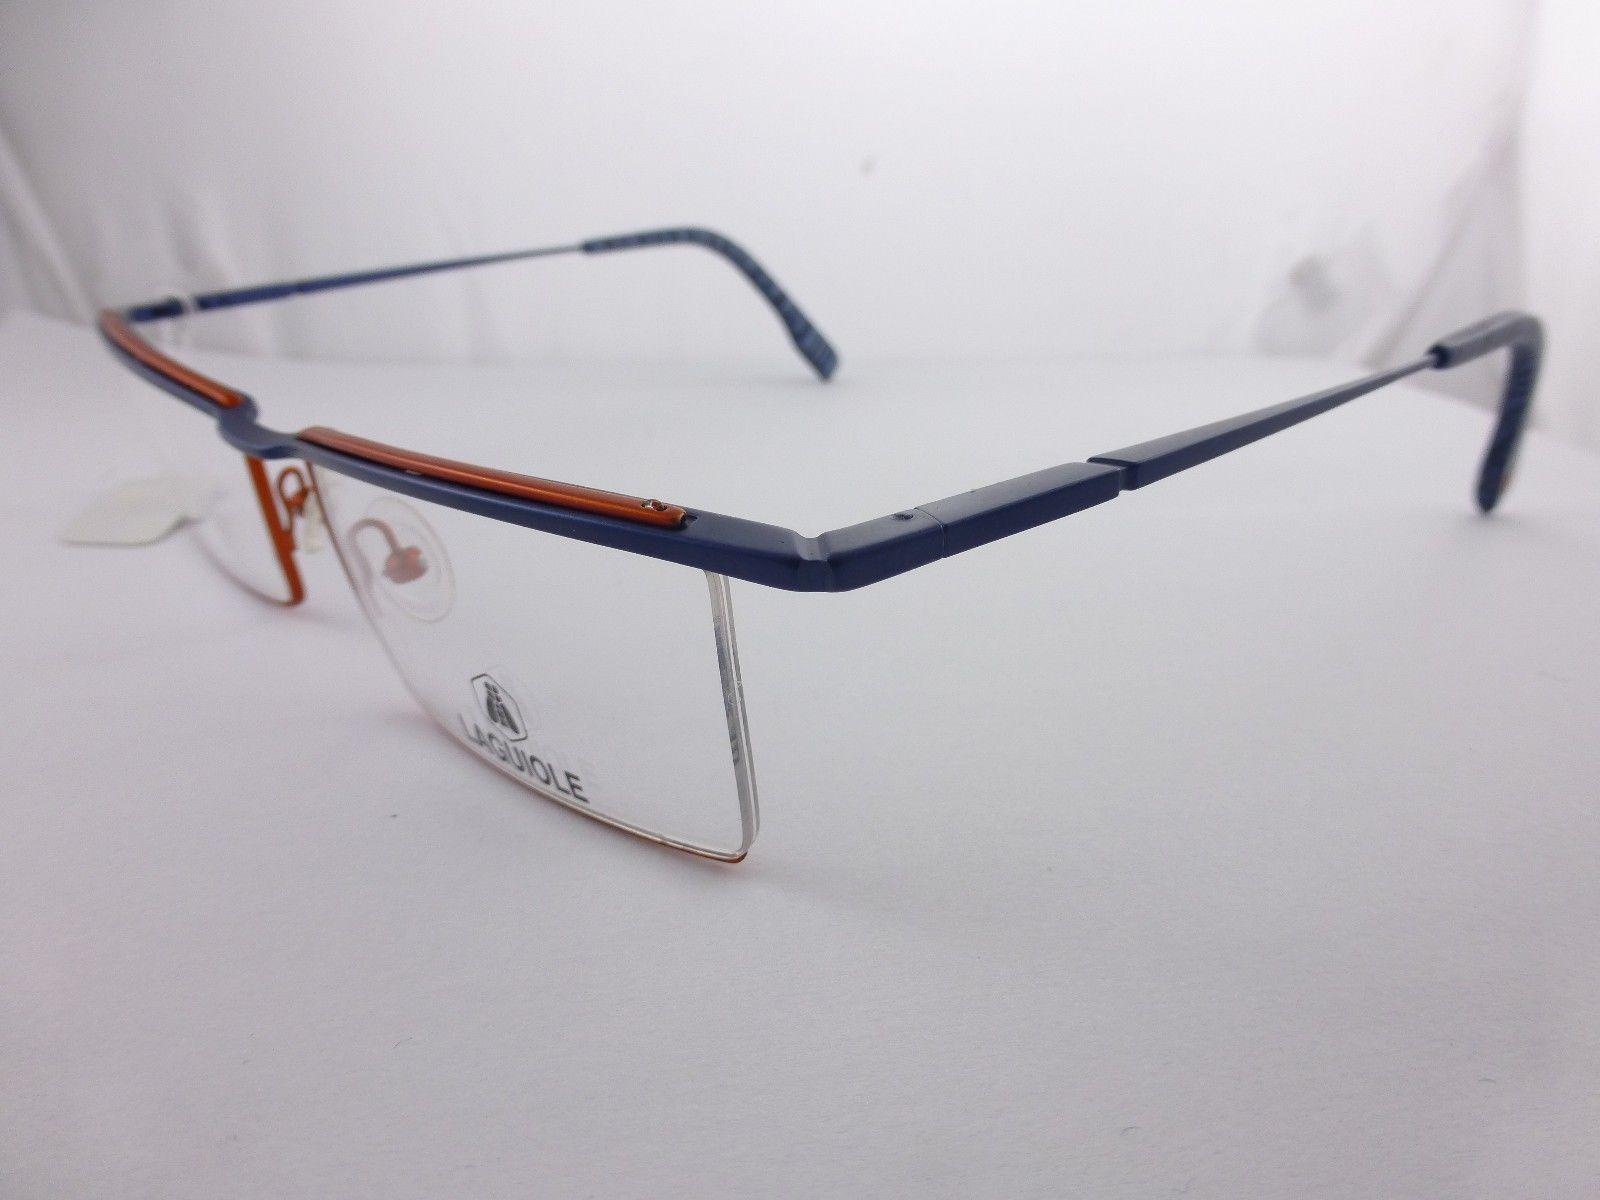 Laguiole vintage eyeglasses frame,Red & Blue Designing ...